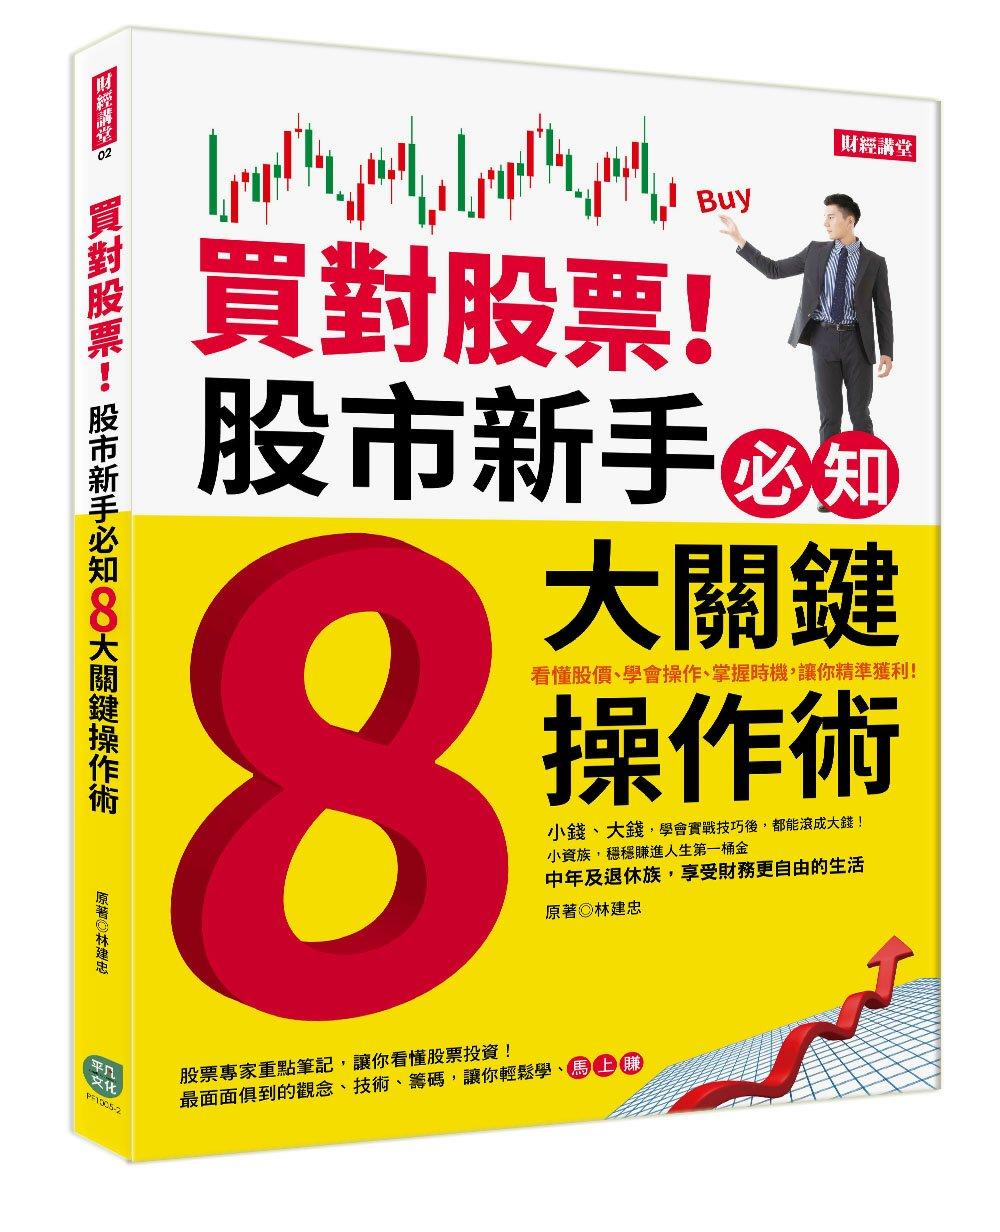 ◤博客來BOOKS◢ 暢銷書榜《推薦》買對股票!股市新手必知8大關鍵操作術